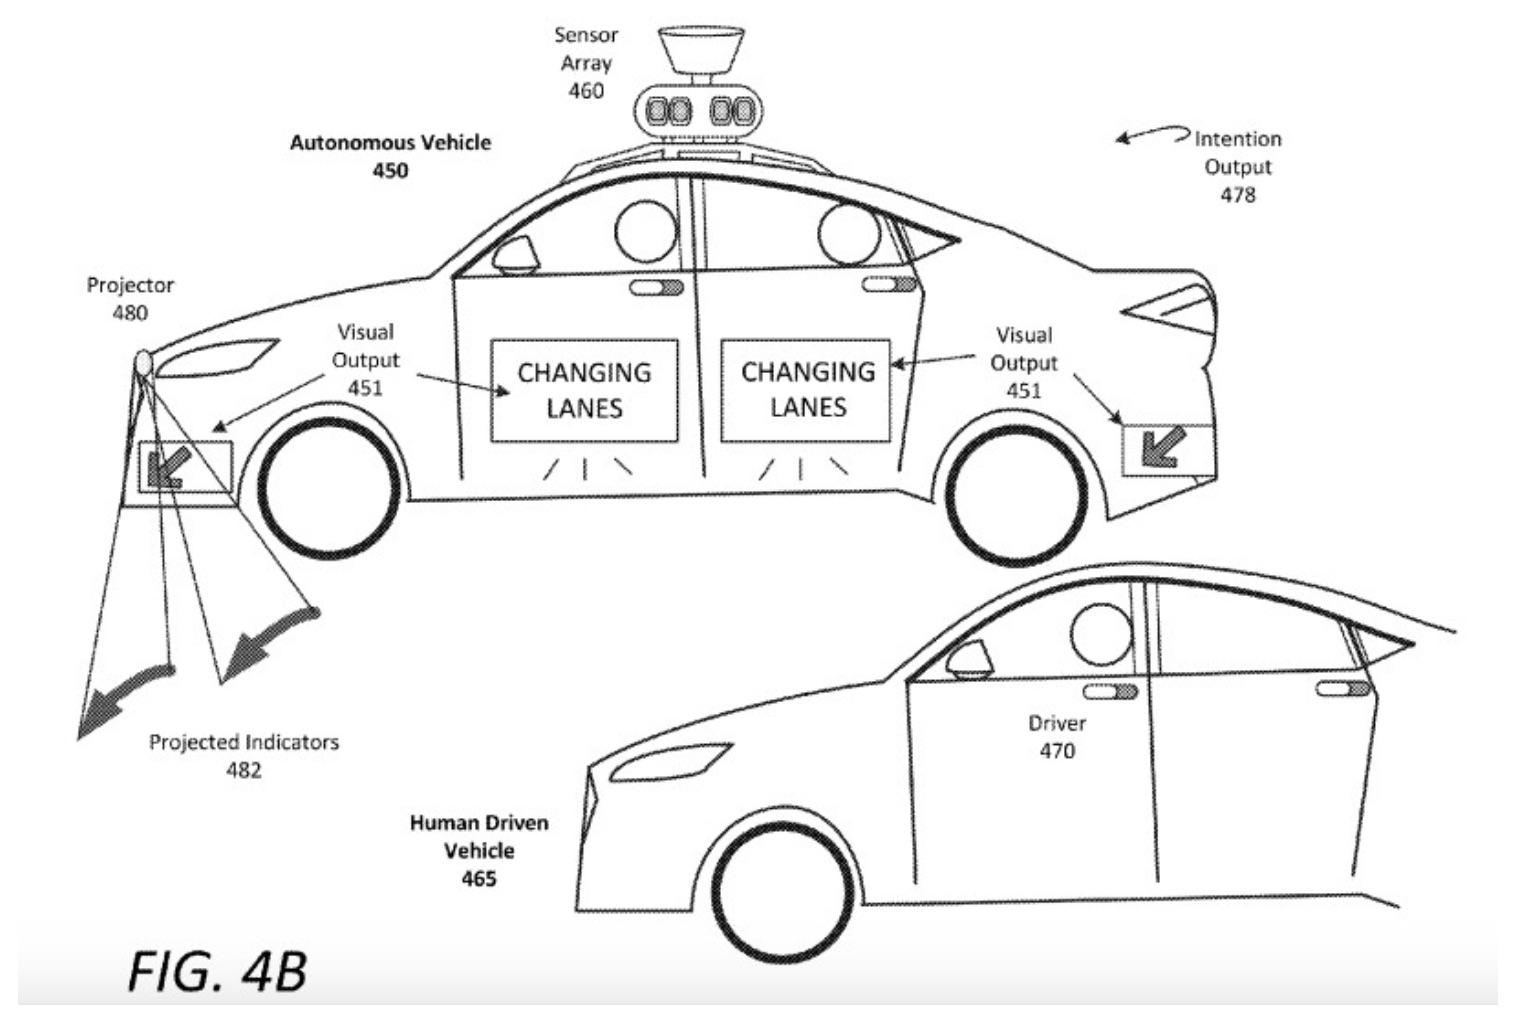 Uber-patent-av-kommunikation-2018